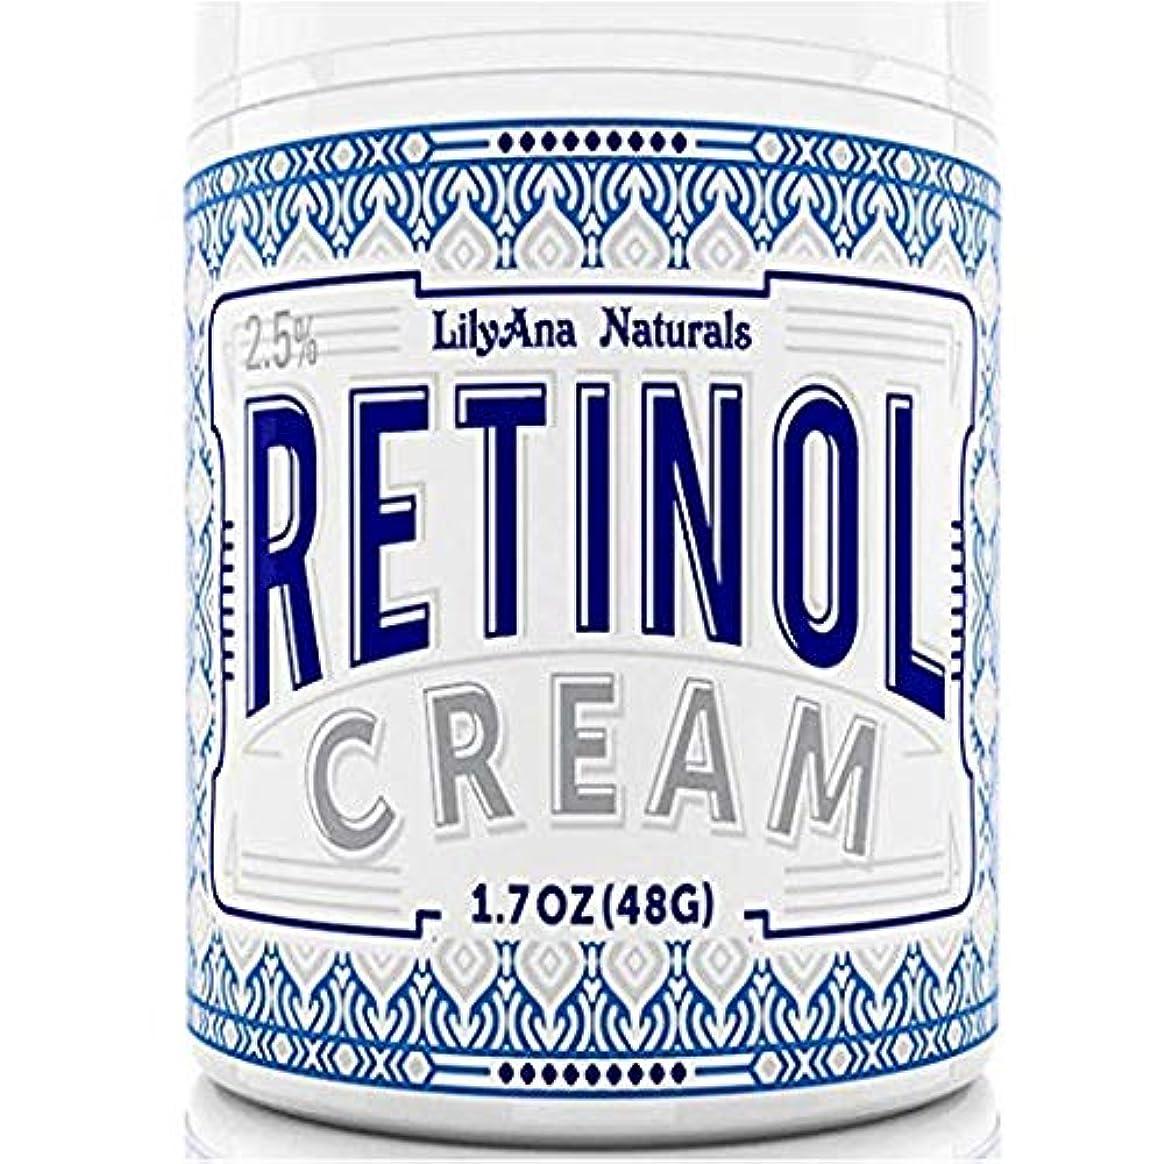 魚眉をひそめる処分したLilyAna 社 の レチノール モイスチャー クリーム LilyAna Naturals Retinol Cream Moisturizer 1.7 Oz